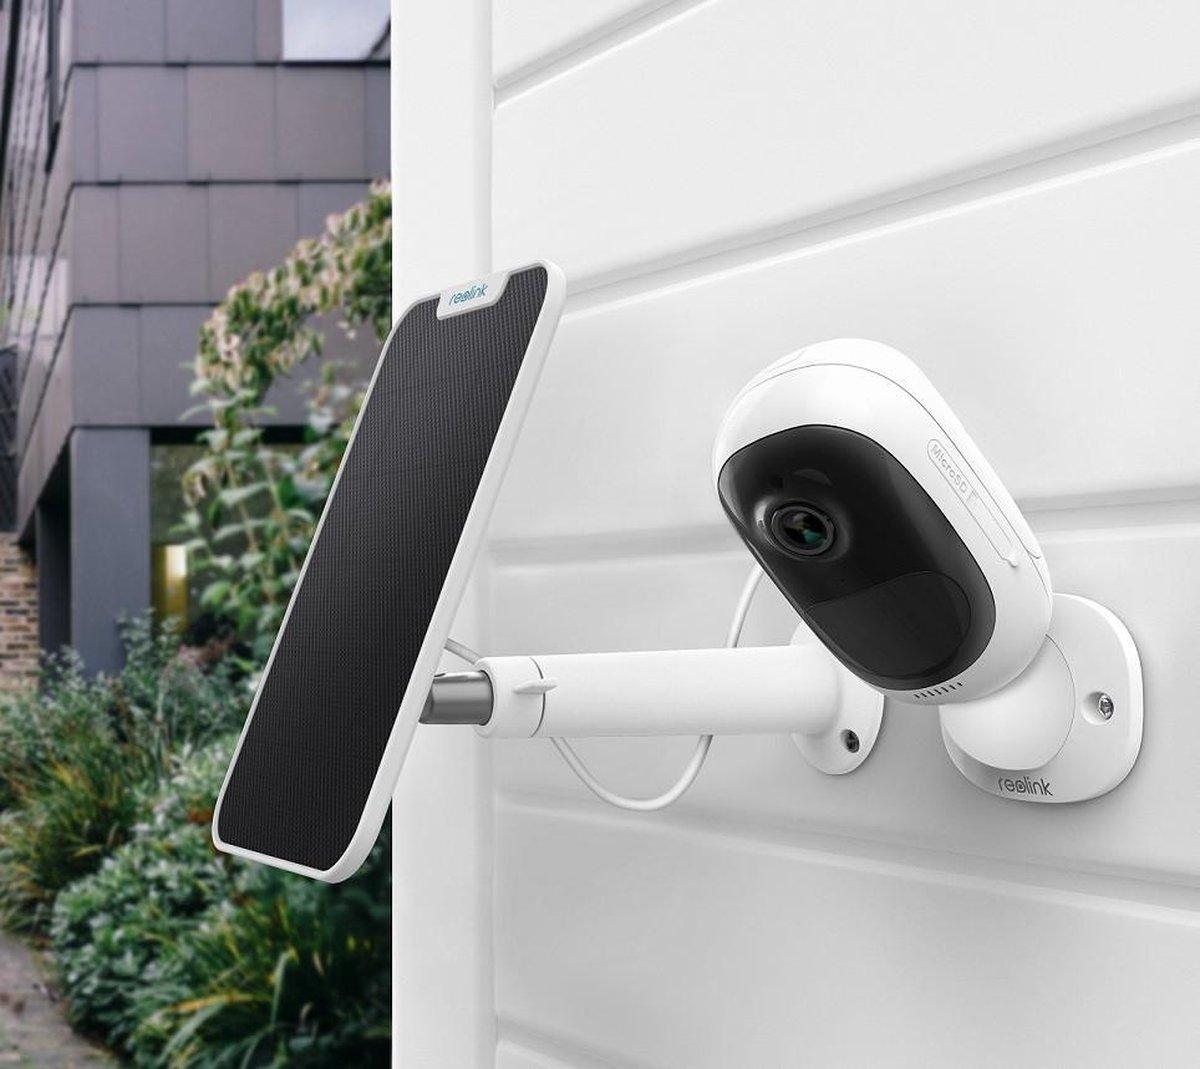 Reolink Argus 2 beveiligingscamera + solar panel voor €90,29 @ Reolink